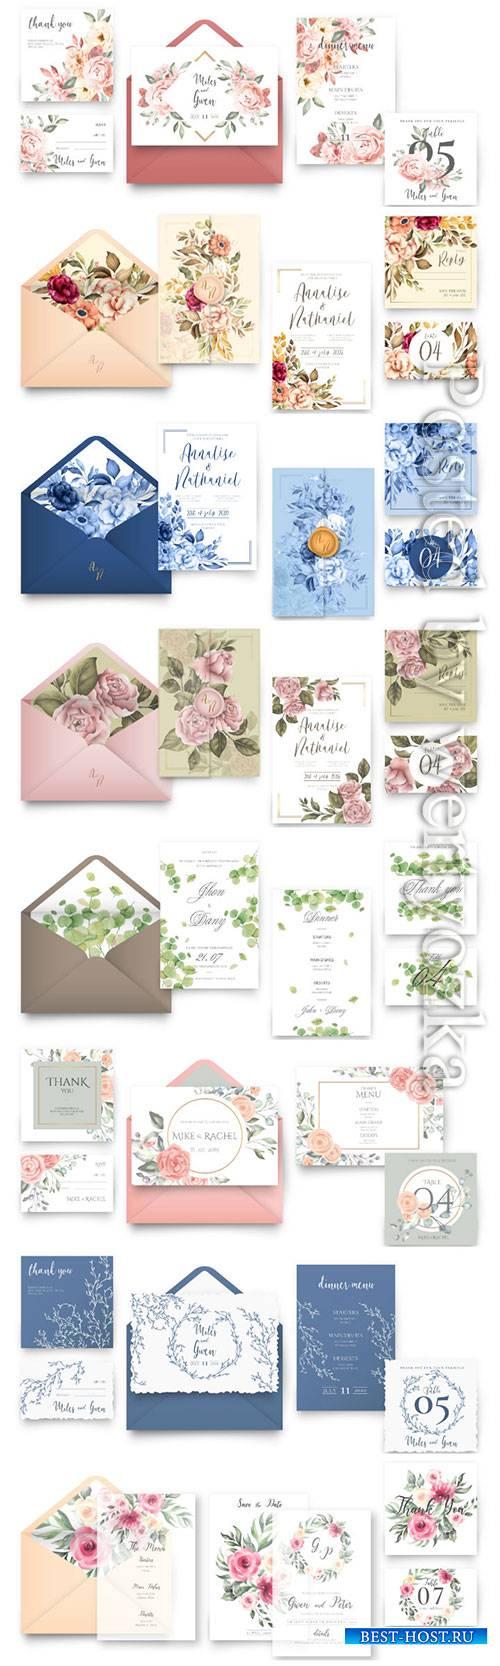 Elegant wedding stationery vector set